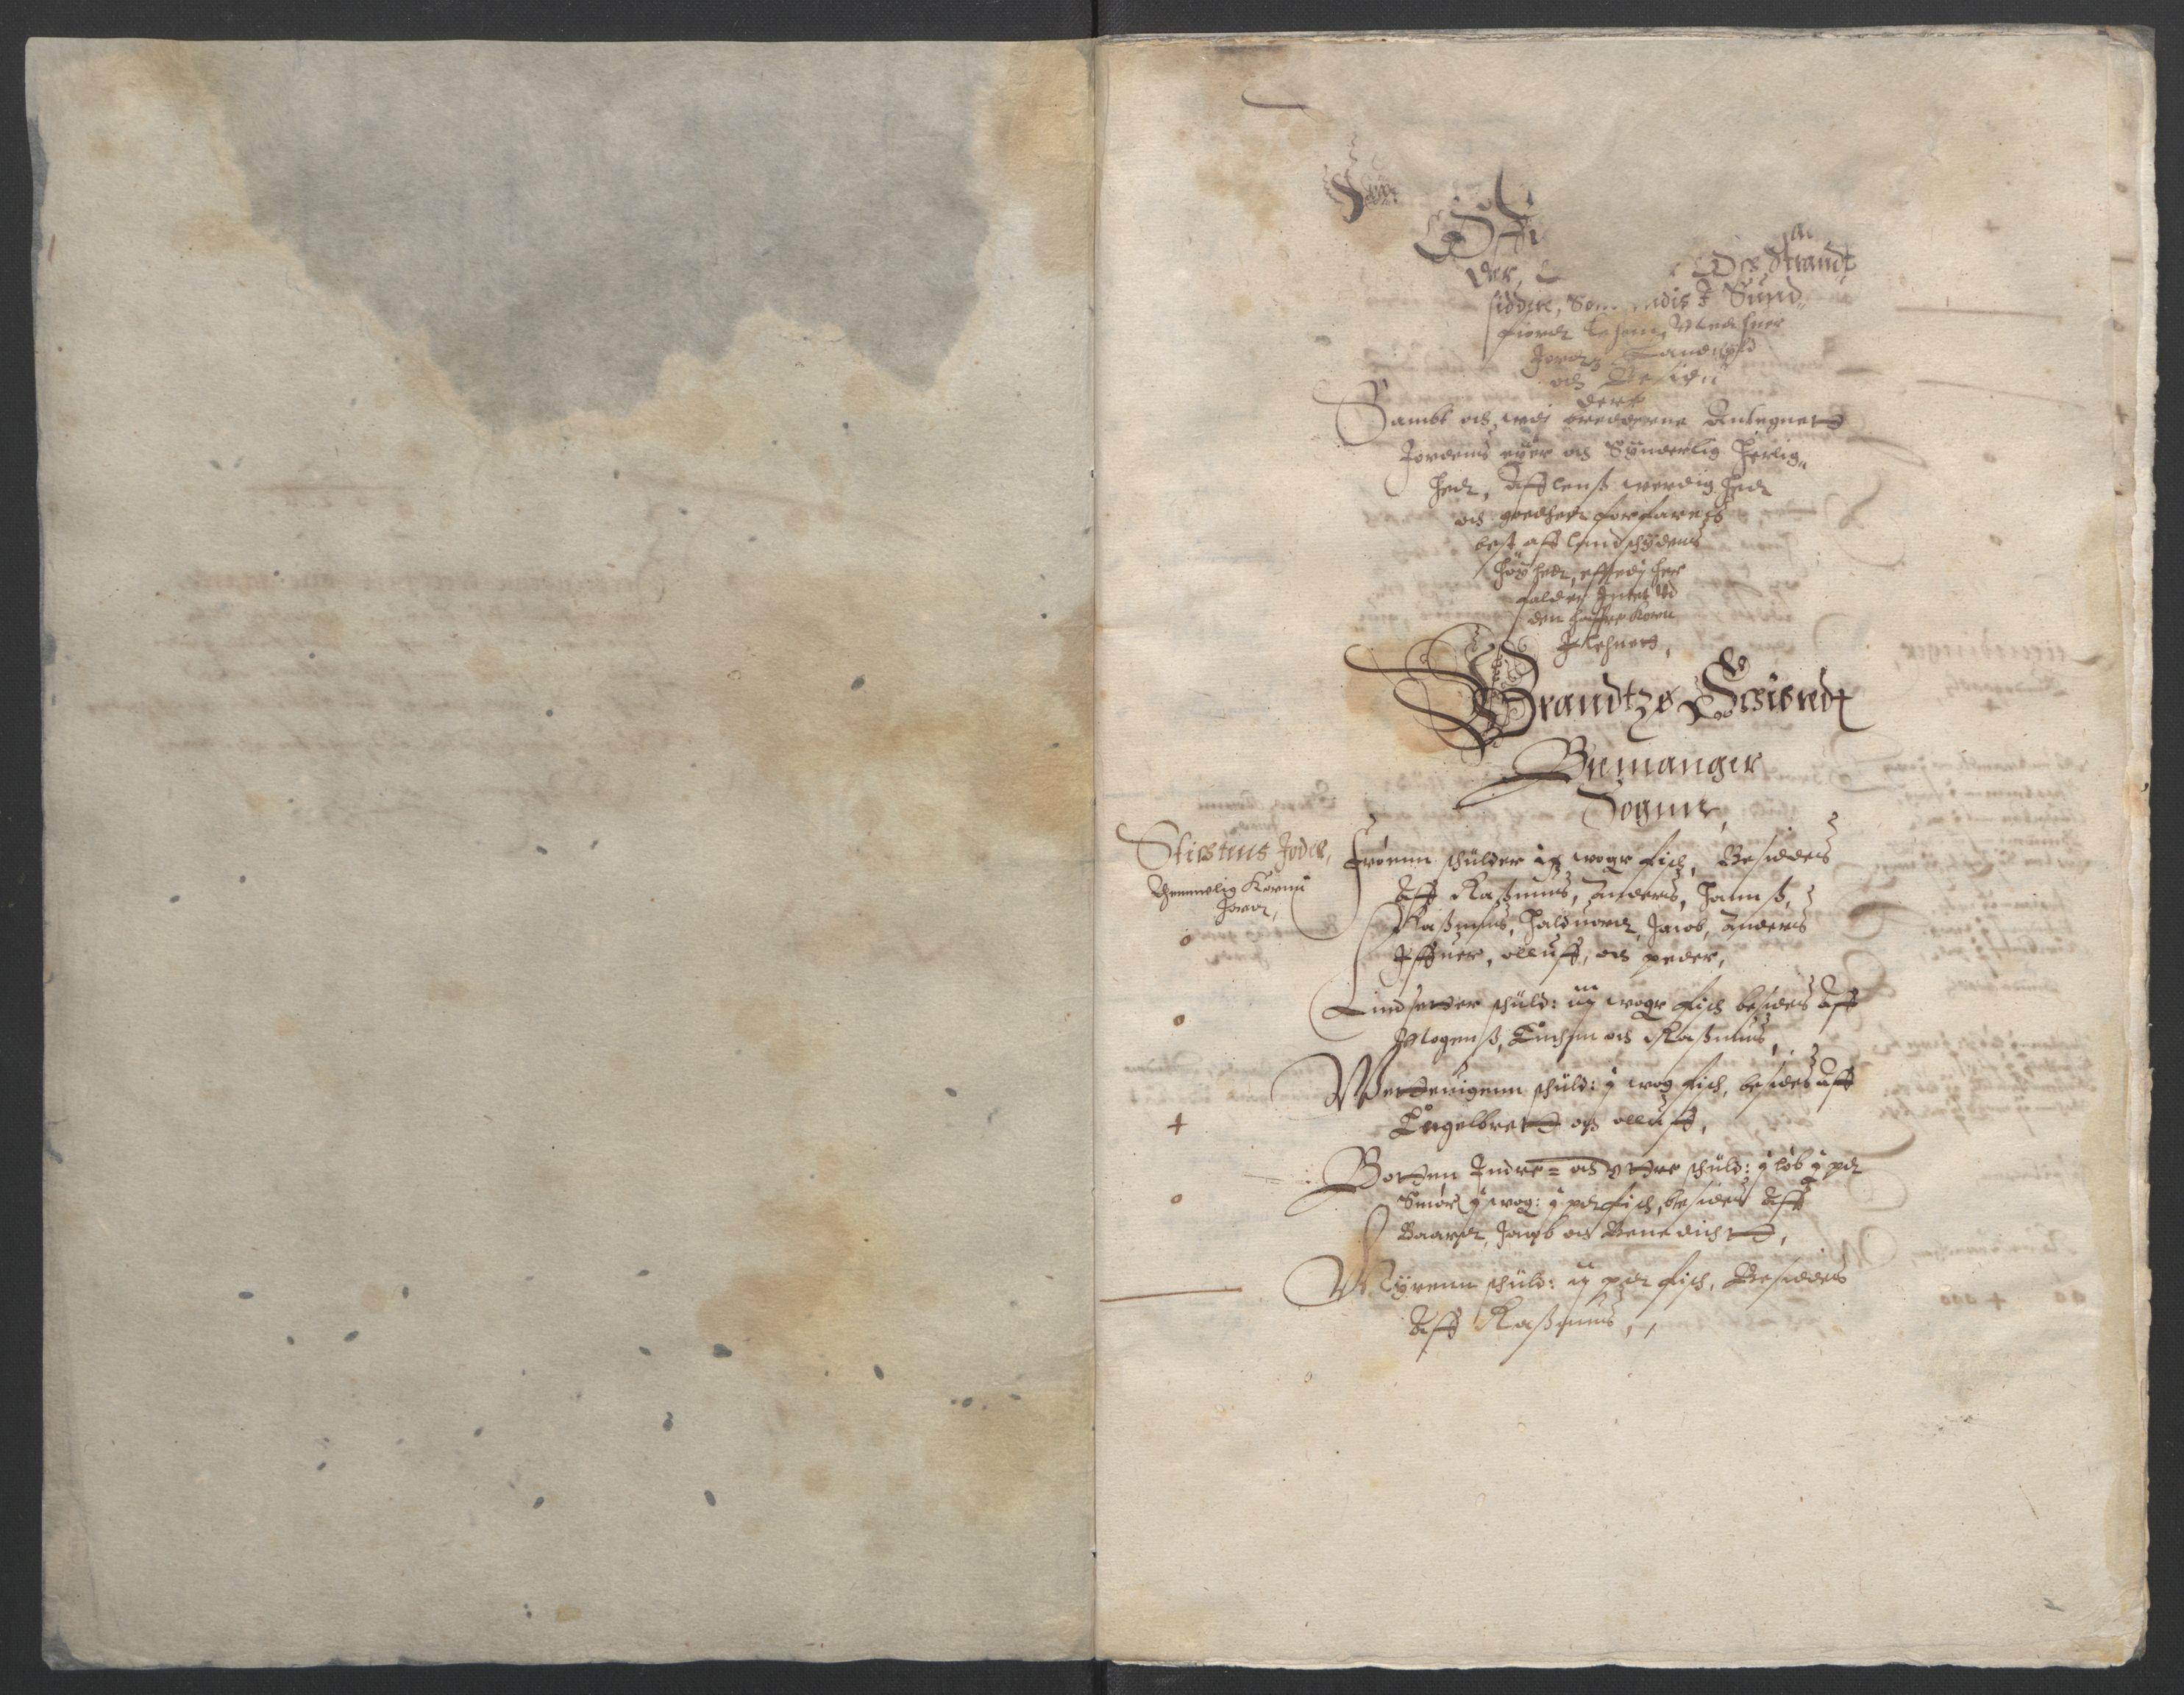 RA, Stattholderembetet 1572-1771, Ek/L0005: Jordebøker til utlikning av garnisonsskatt 1624-1626:, 1626, s. 4